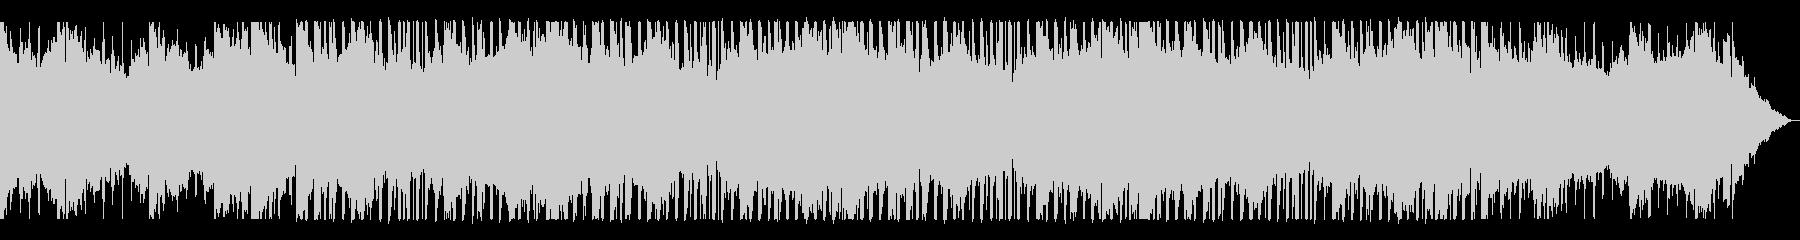 幻想的 Lo-Fi HipHop チルの未再生の波形